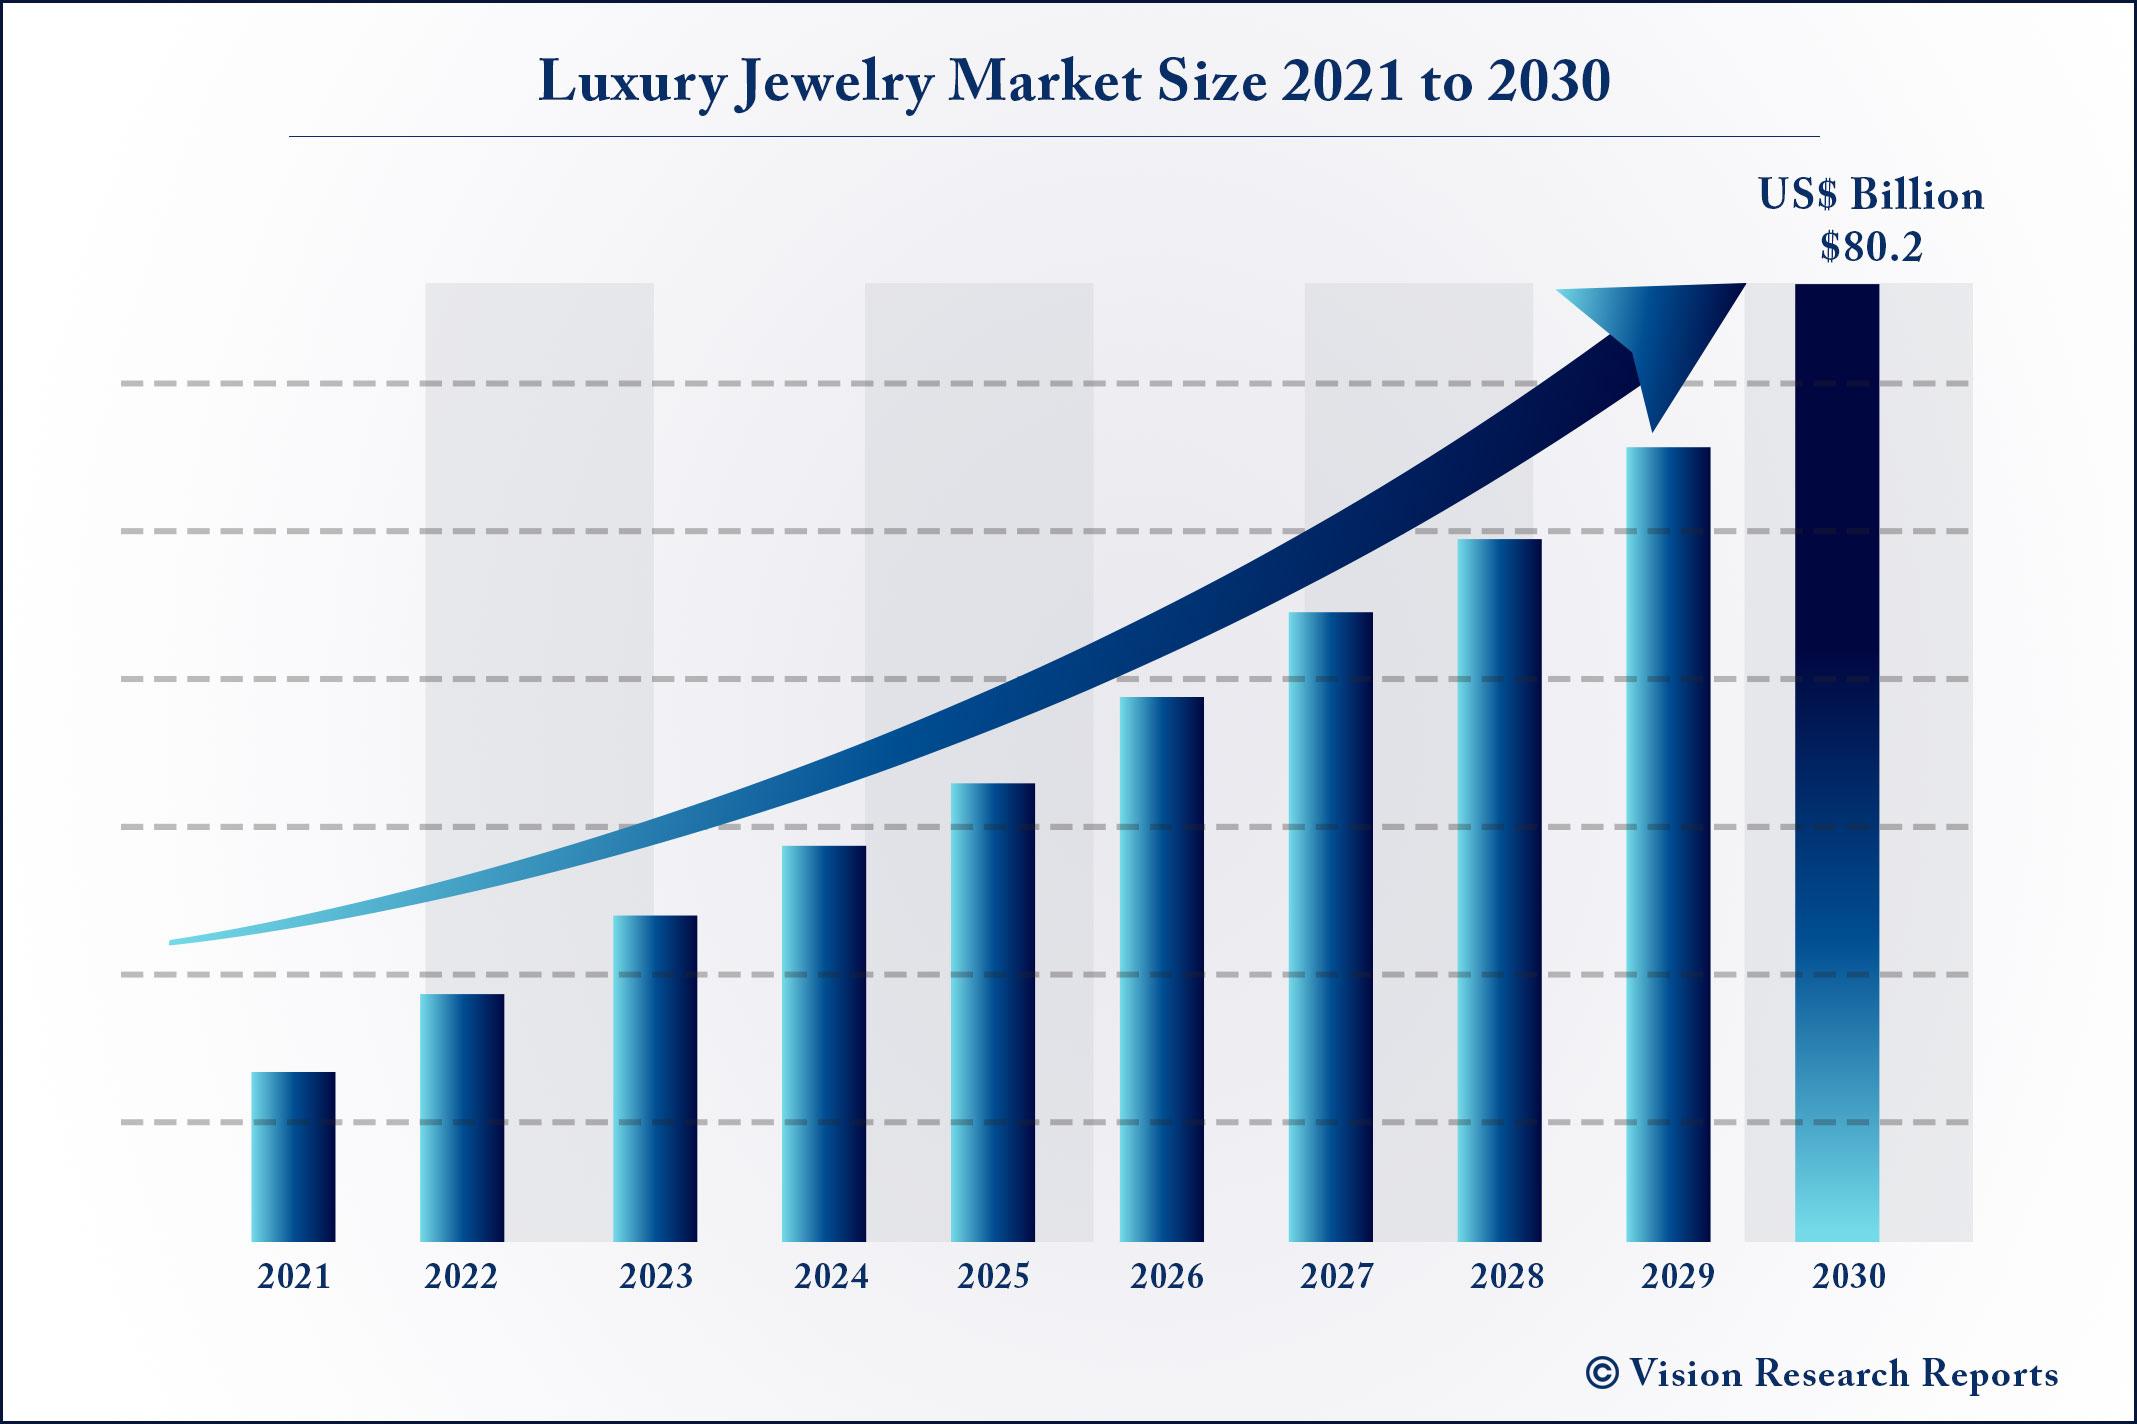 Luxury Jewelry Market Size 2021 to 2030